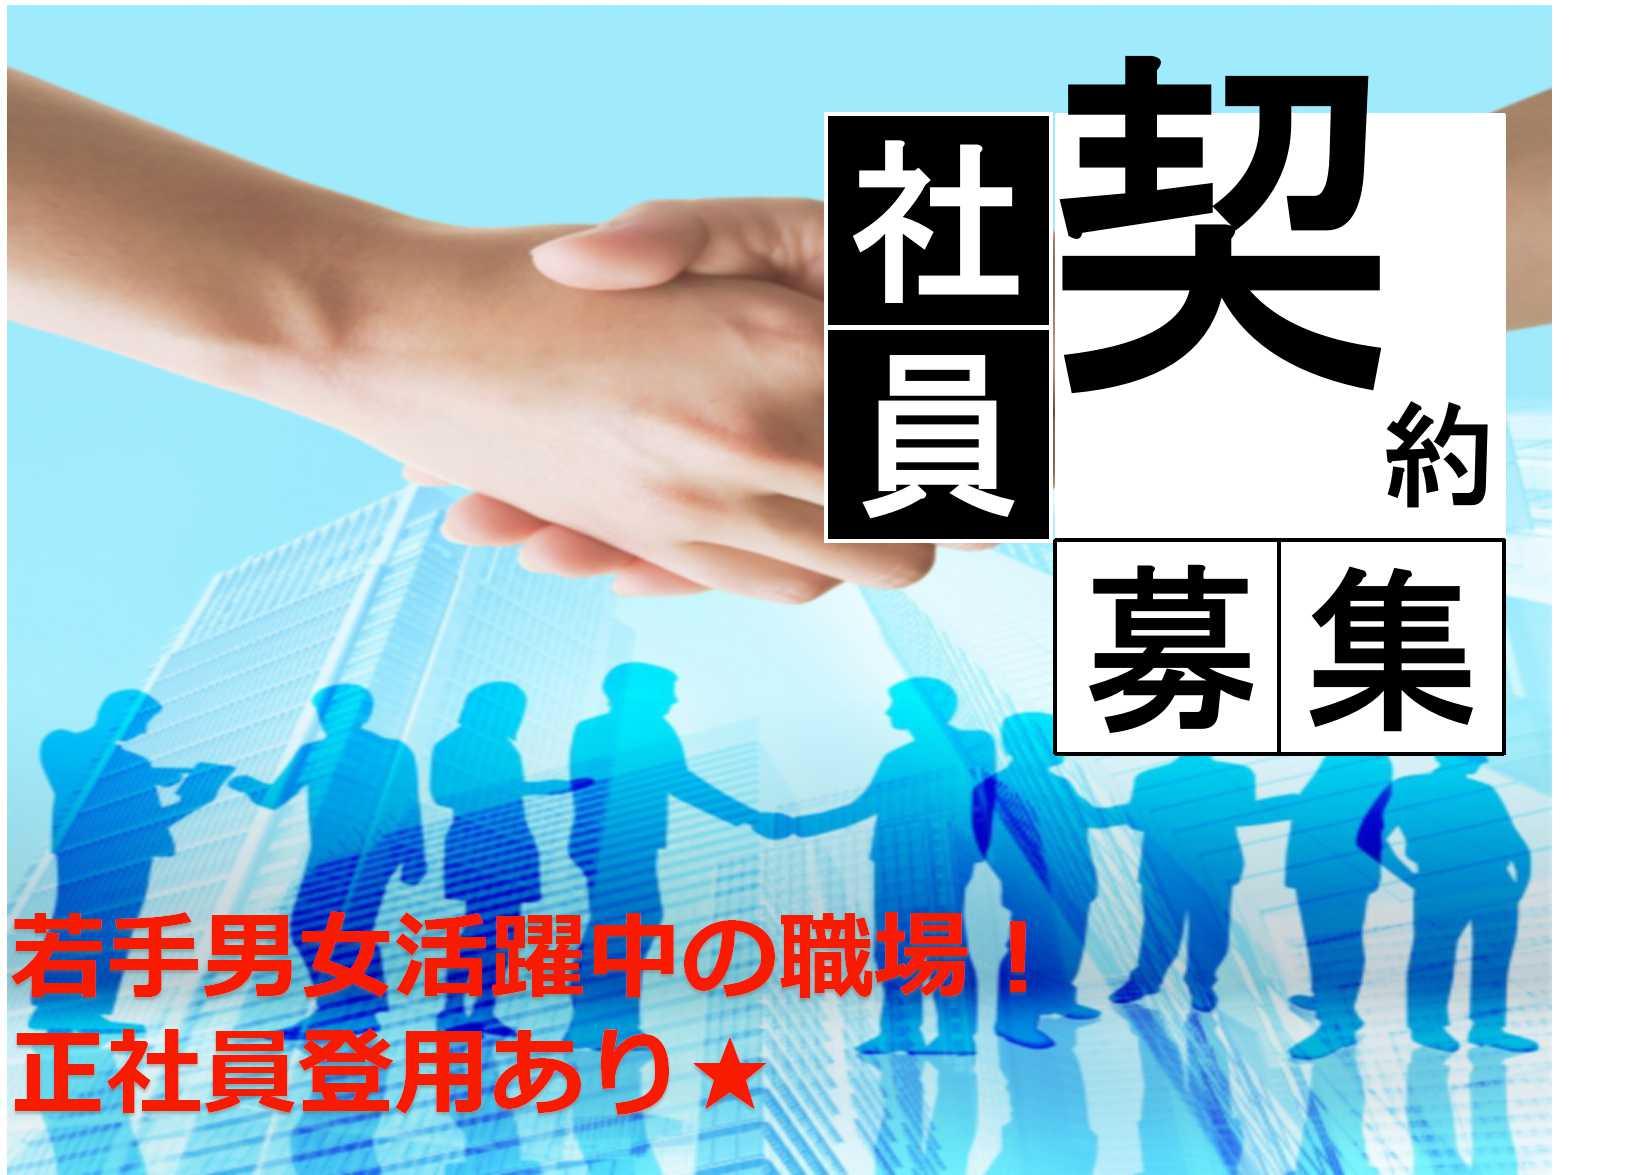 【愛知県清須市】若手男女活躍中!誰もがキャリアアップを目指せる!営業・販売職【即面談可能】 イメージ